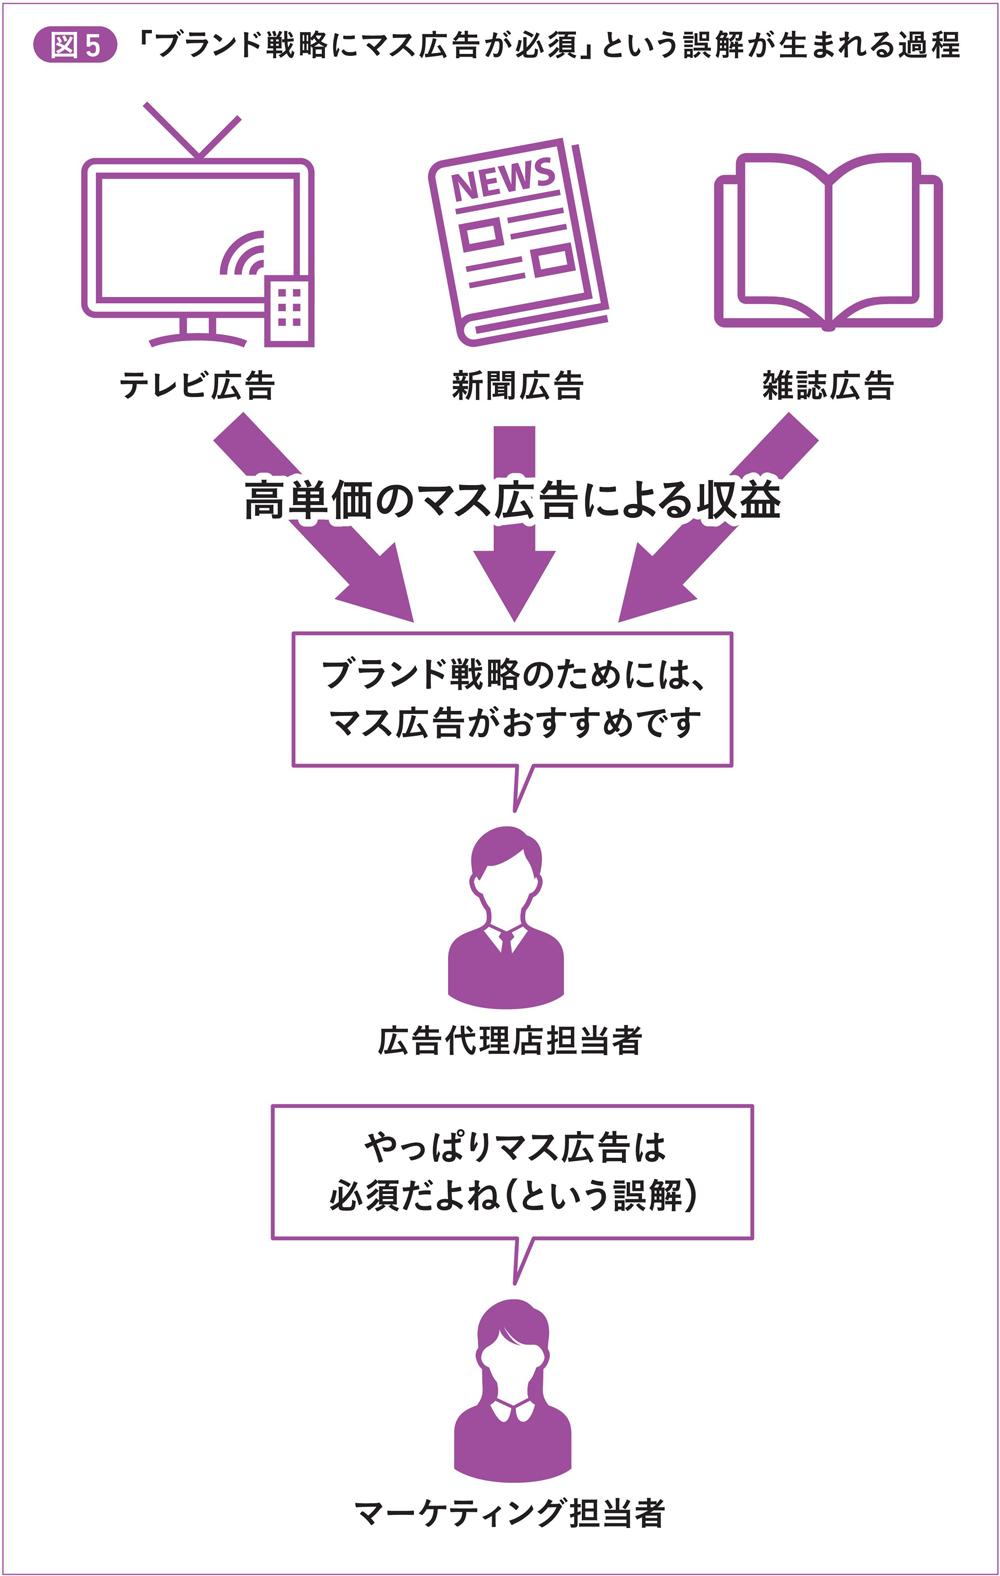 図5 「ブランド戦略にマス広告が必須」という誤解が生まれる過程